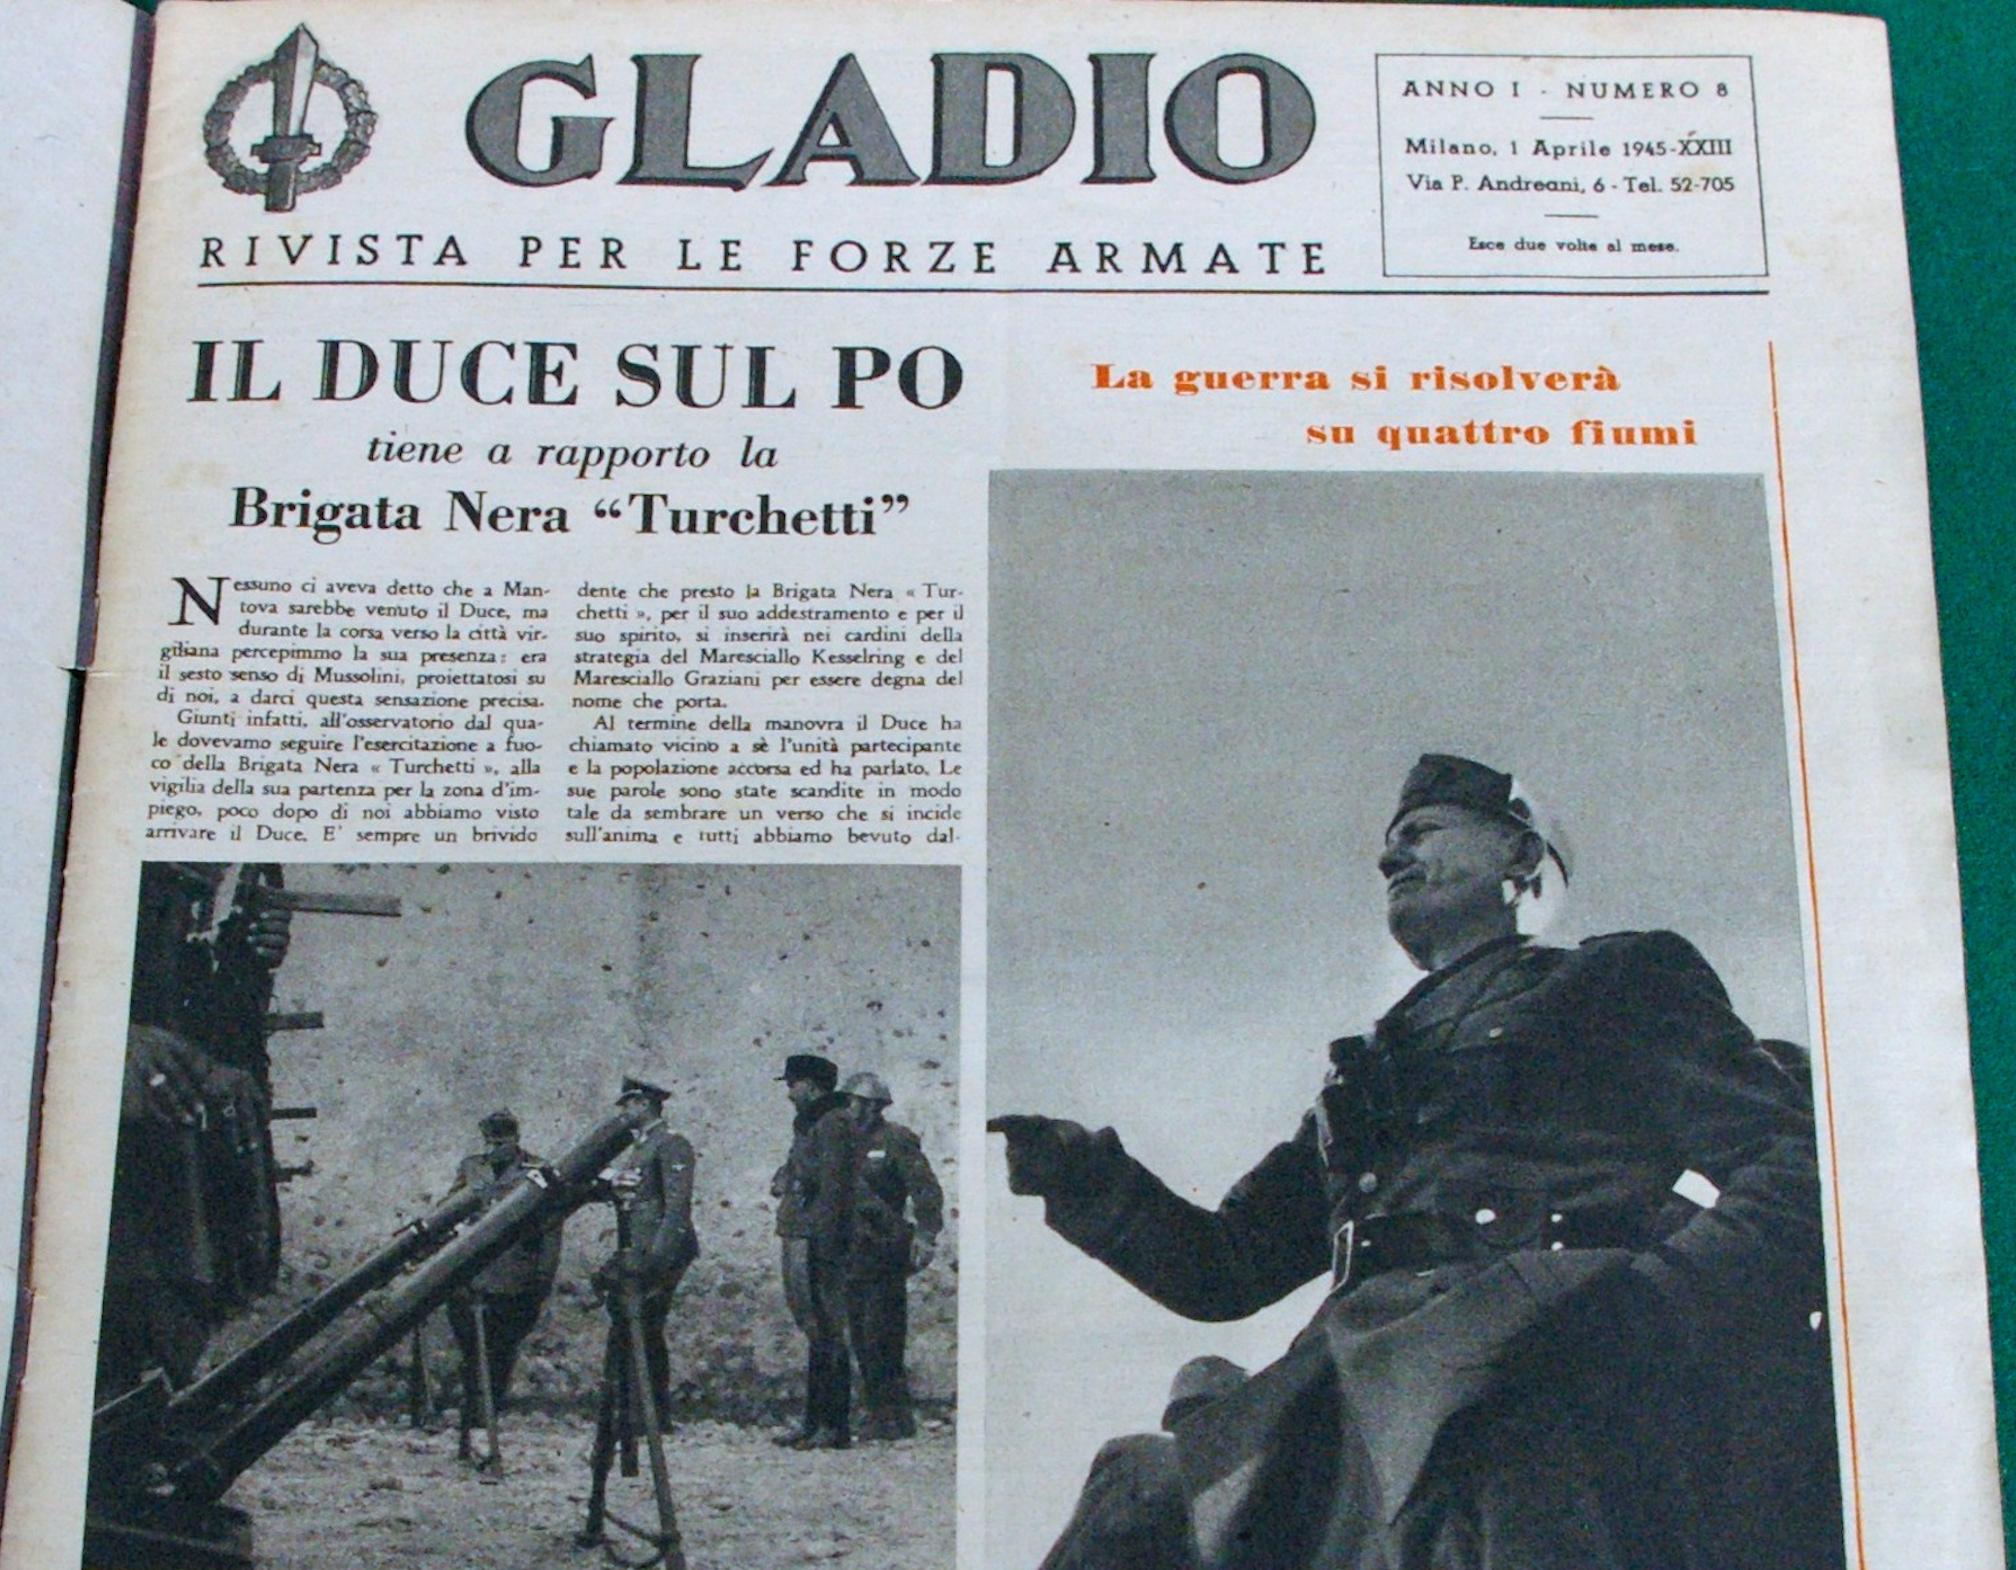 Mussolini's newspaper, 1945